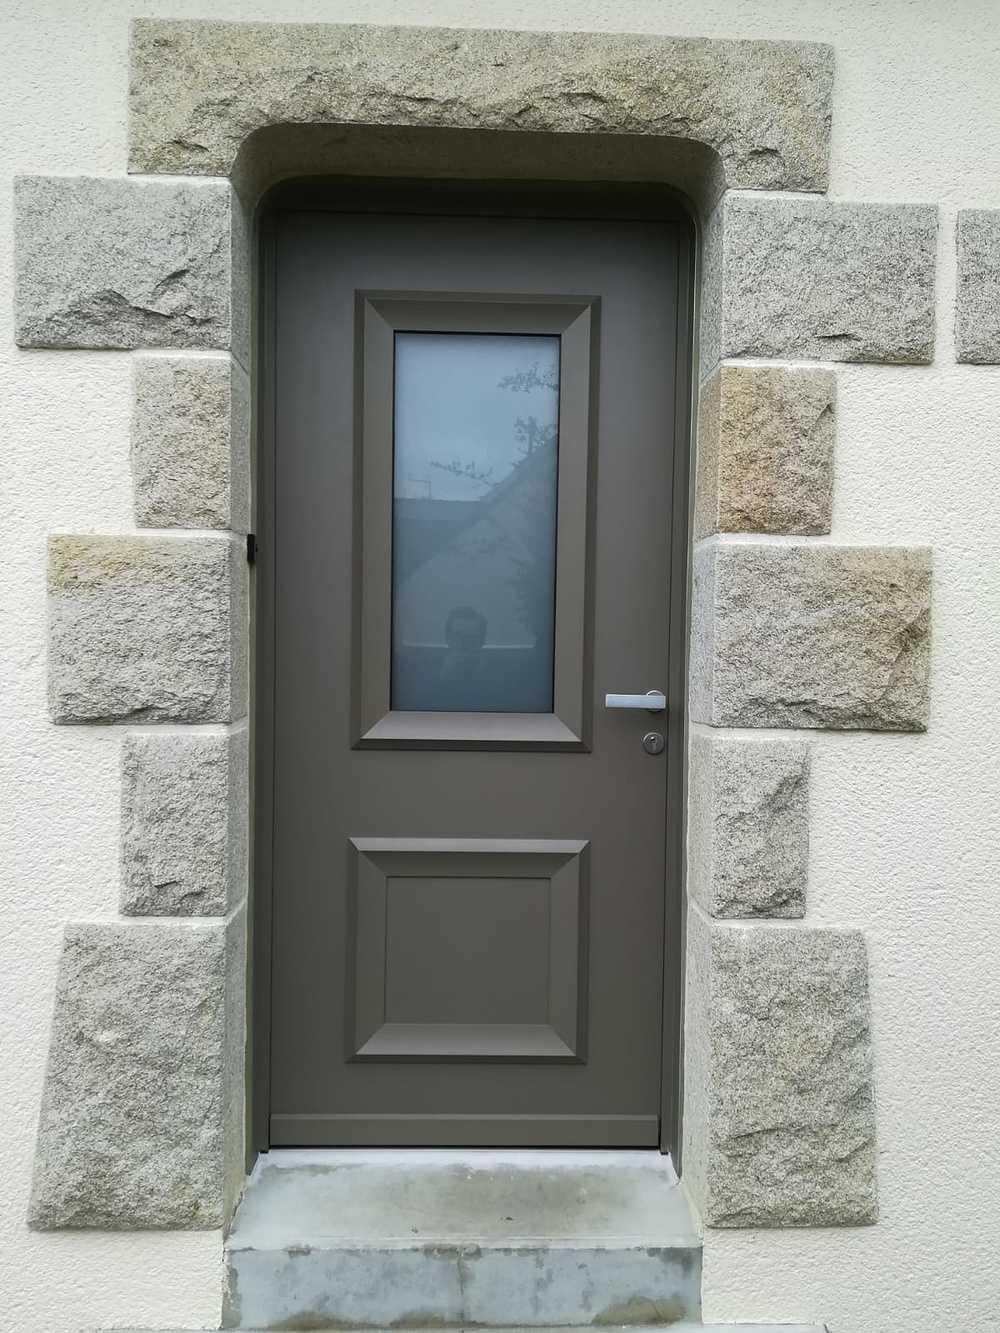 Pose d''une porte d''entrée en rénovation : alu, vitrage sablé et moulures 0